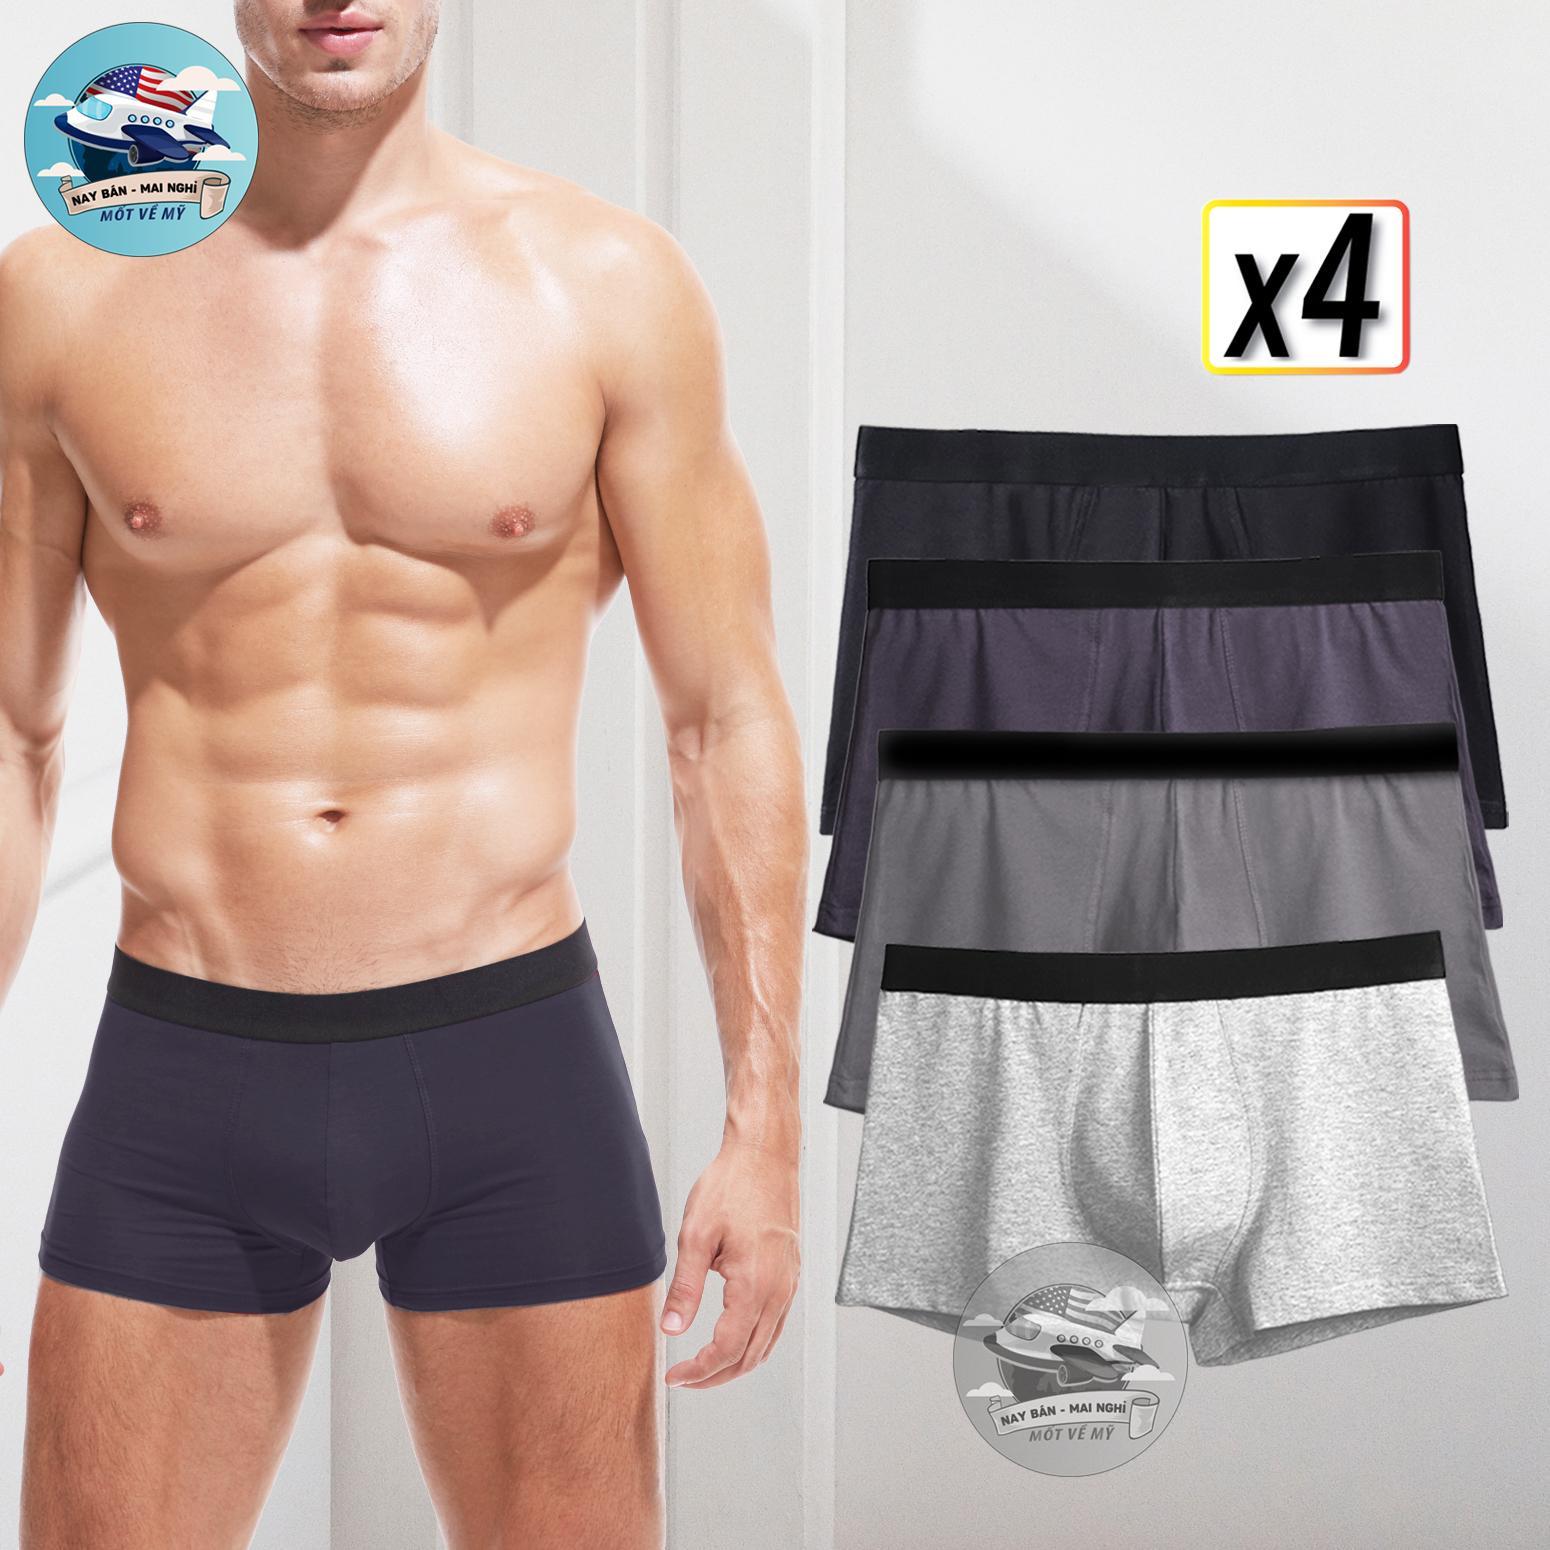 Combo 04 quần lót nam Cotton 4 MÀU cao cấp BOXER SHORT  (đen, xanh, xám đậm, xám nhạt) - Boxer siêu thoáng mát Nhật Bản